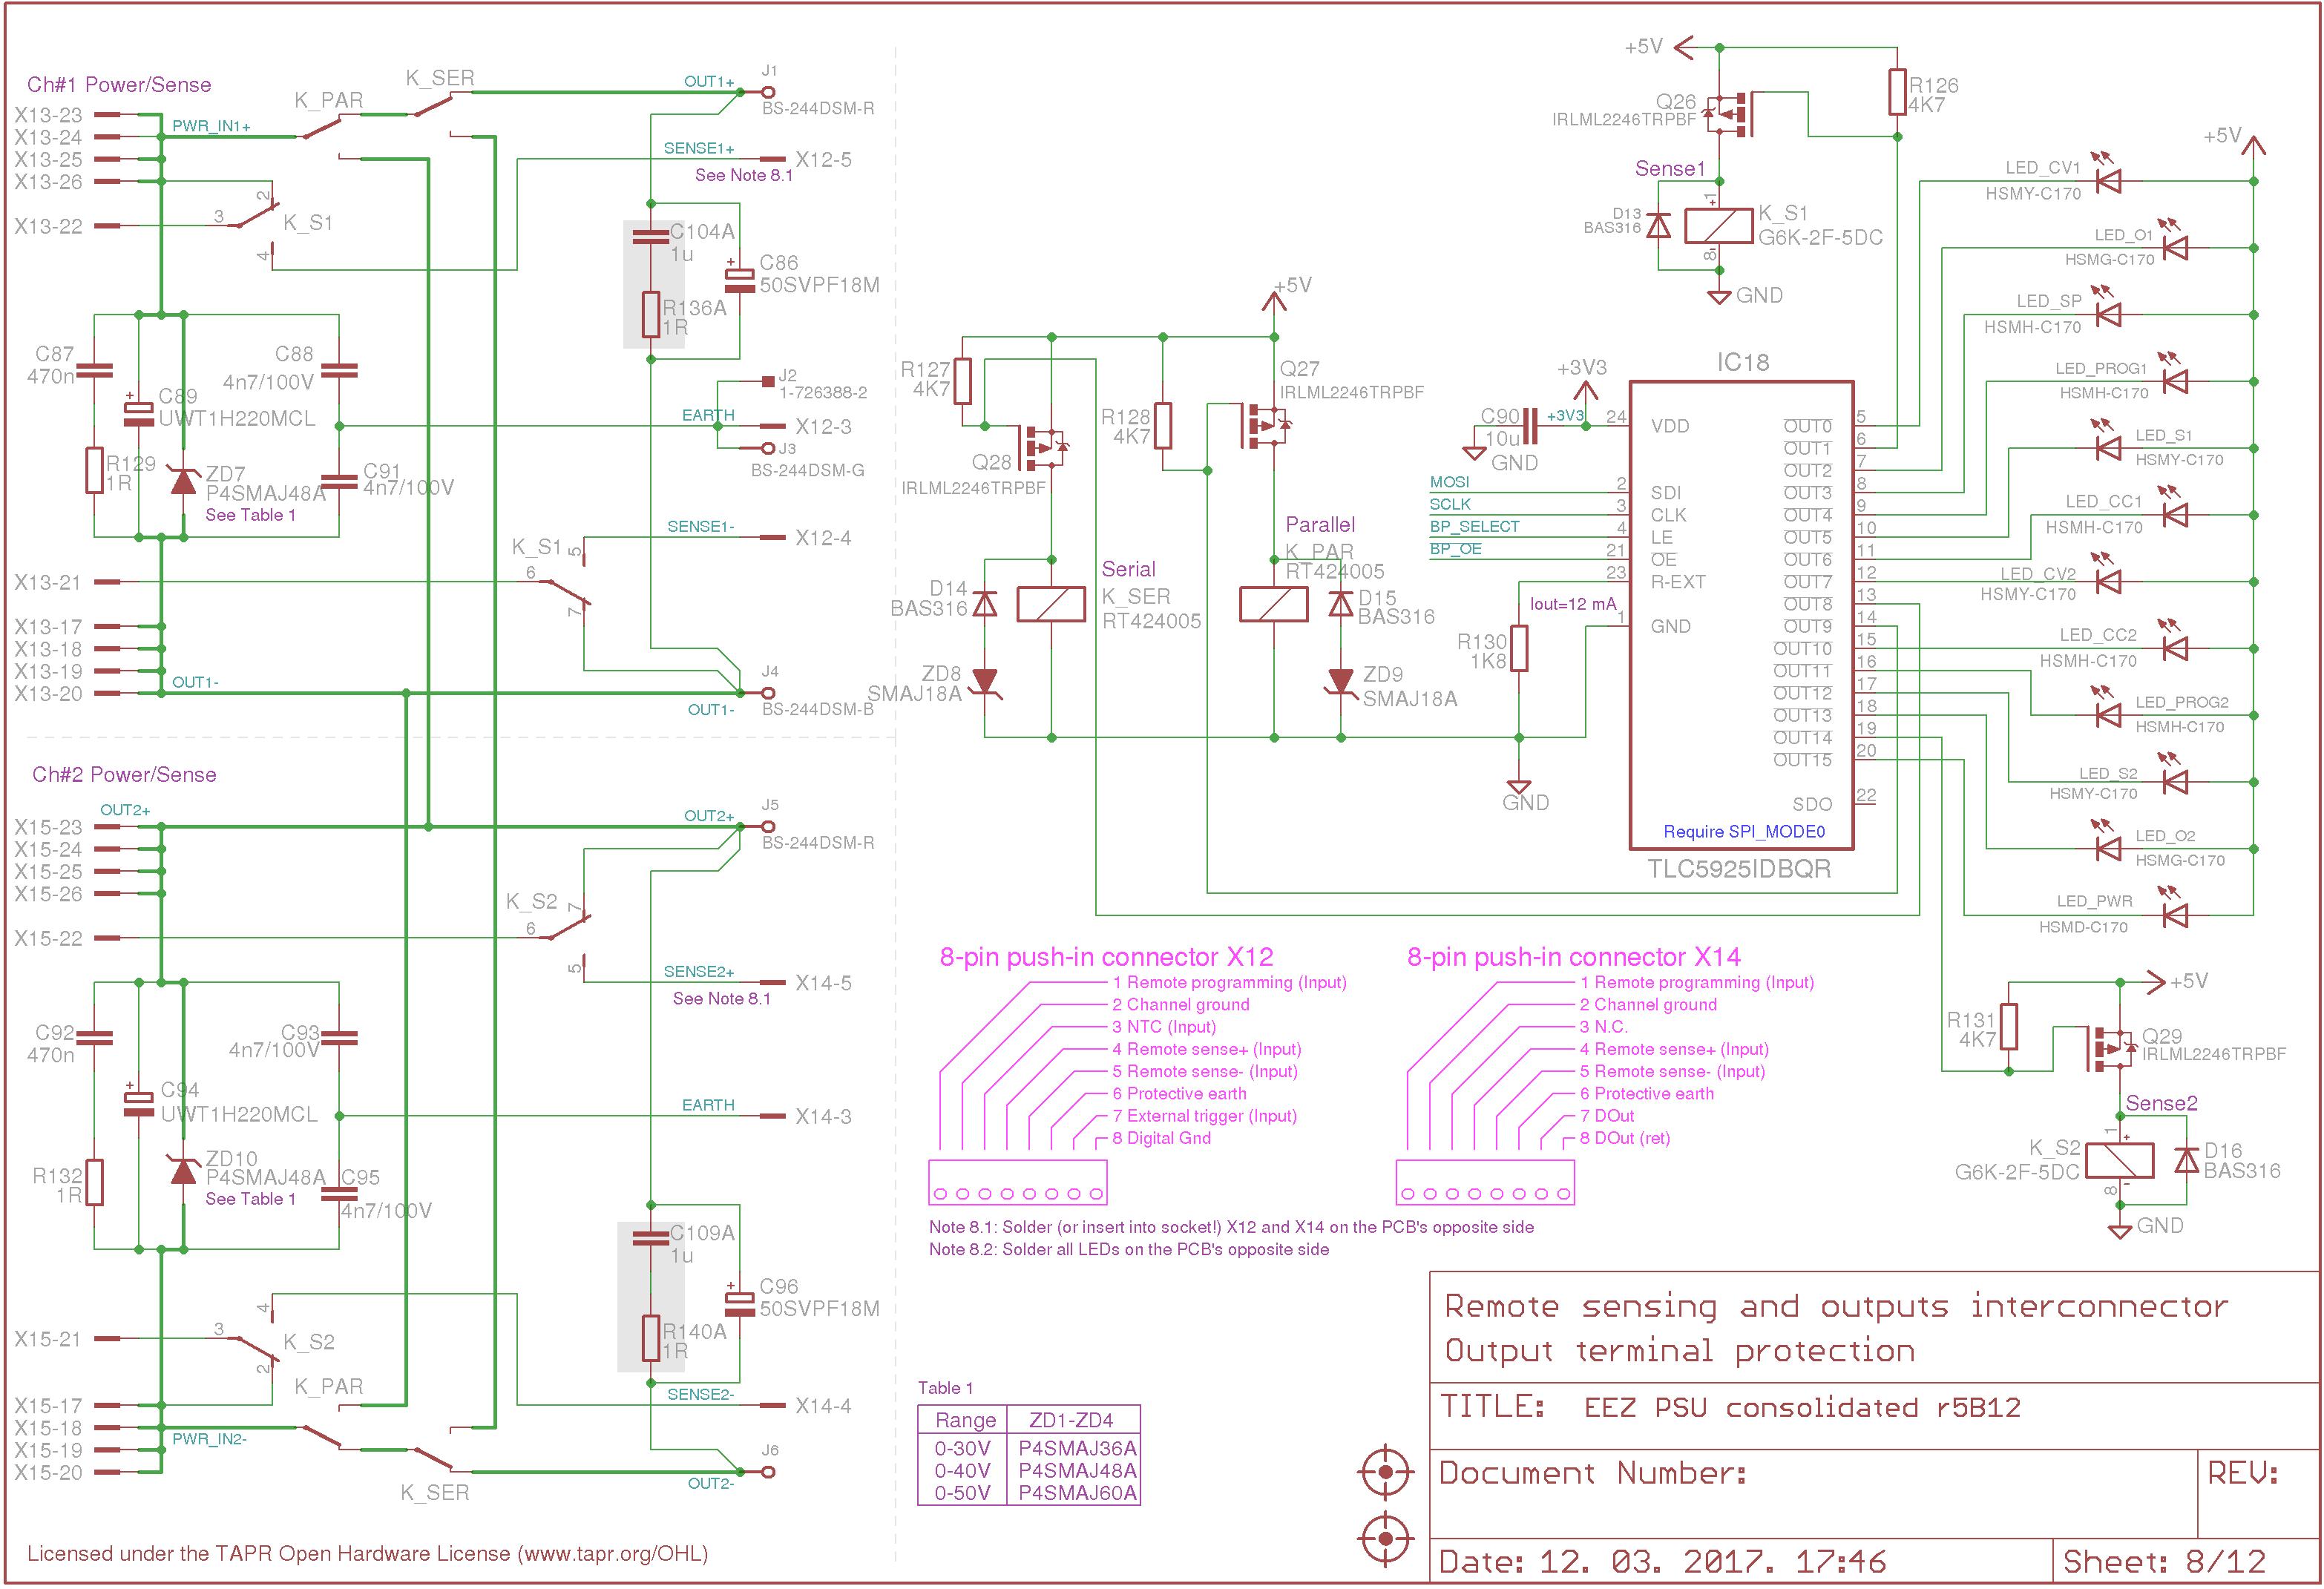 arduino_shield_r5b12_sheet8of12.png